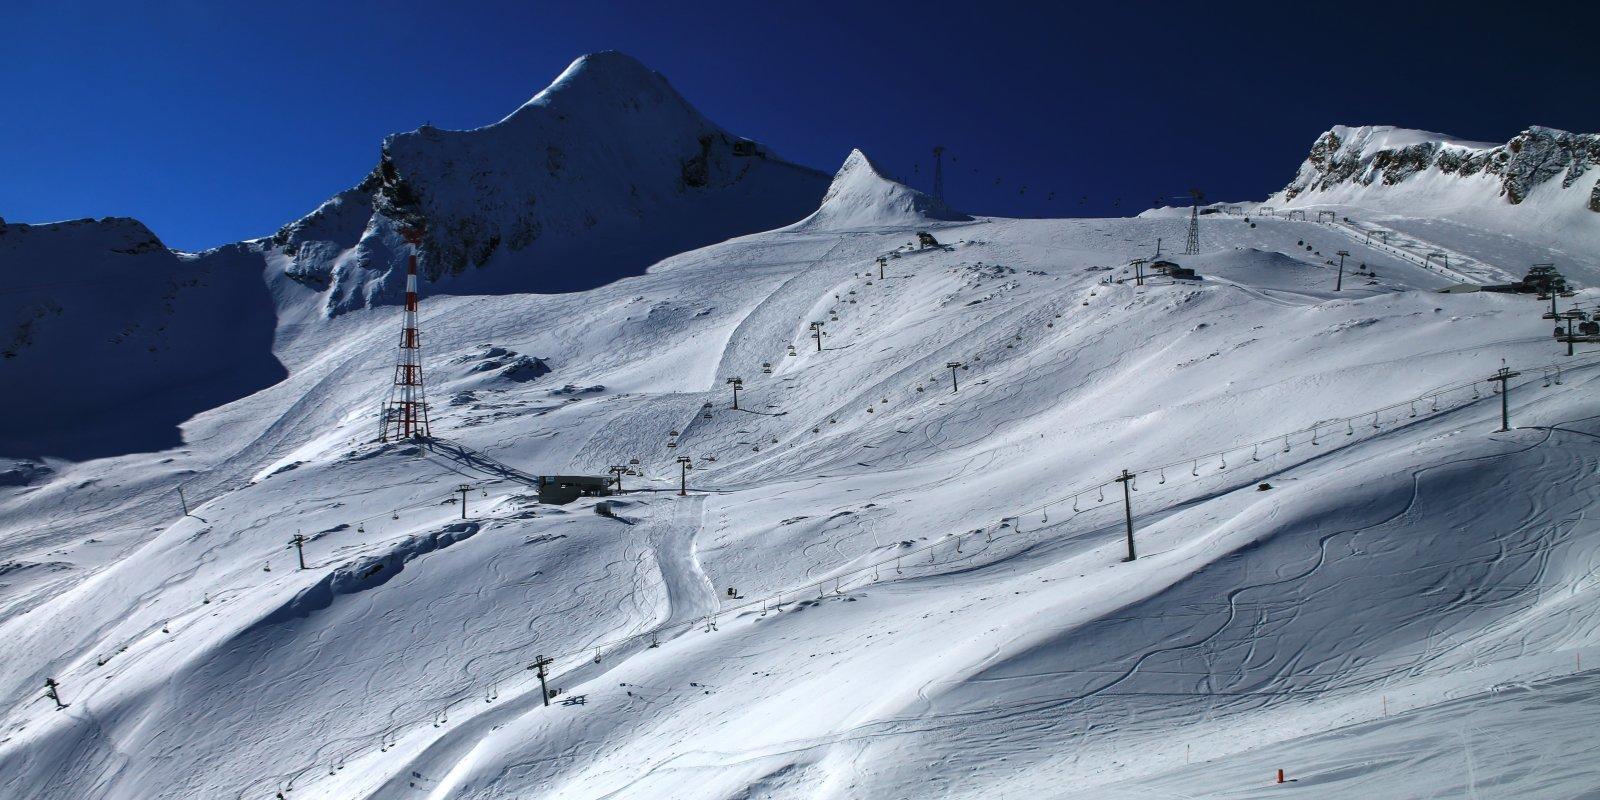 Újra lehet síelni: május 29-én nyit Kaprun